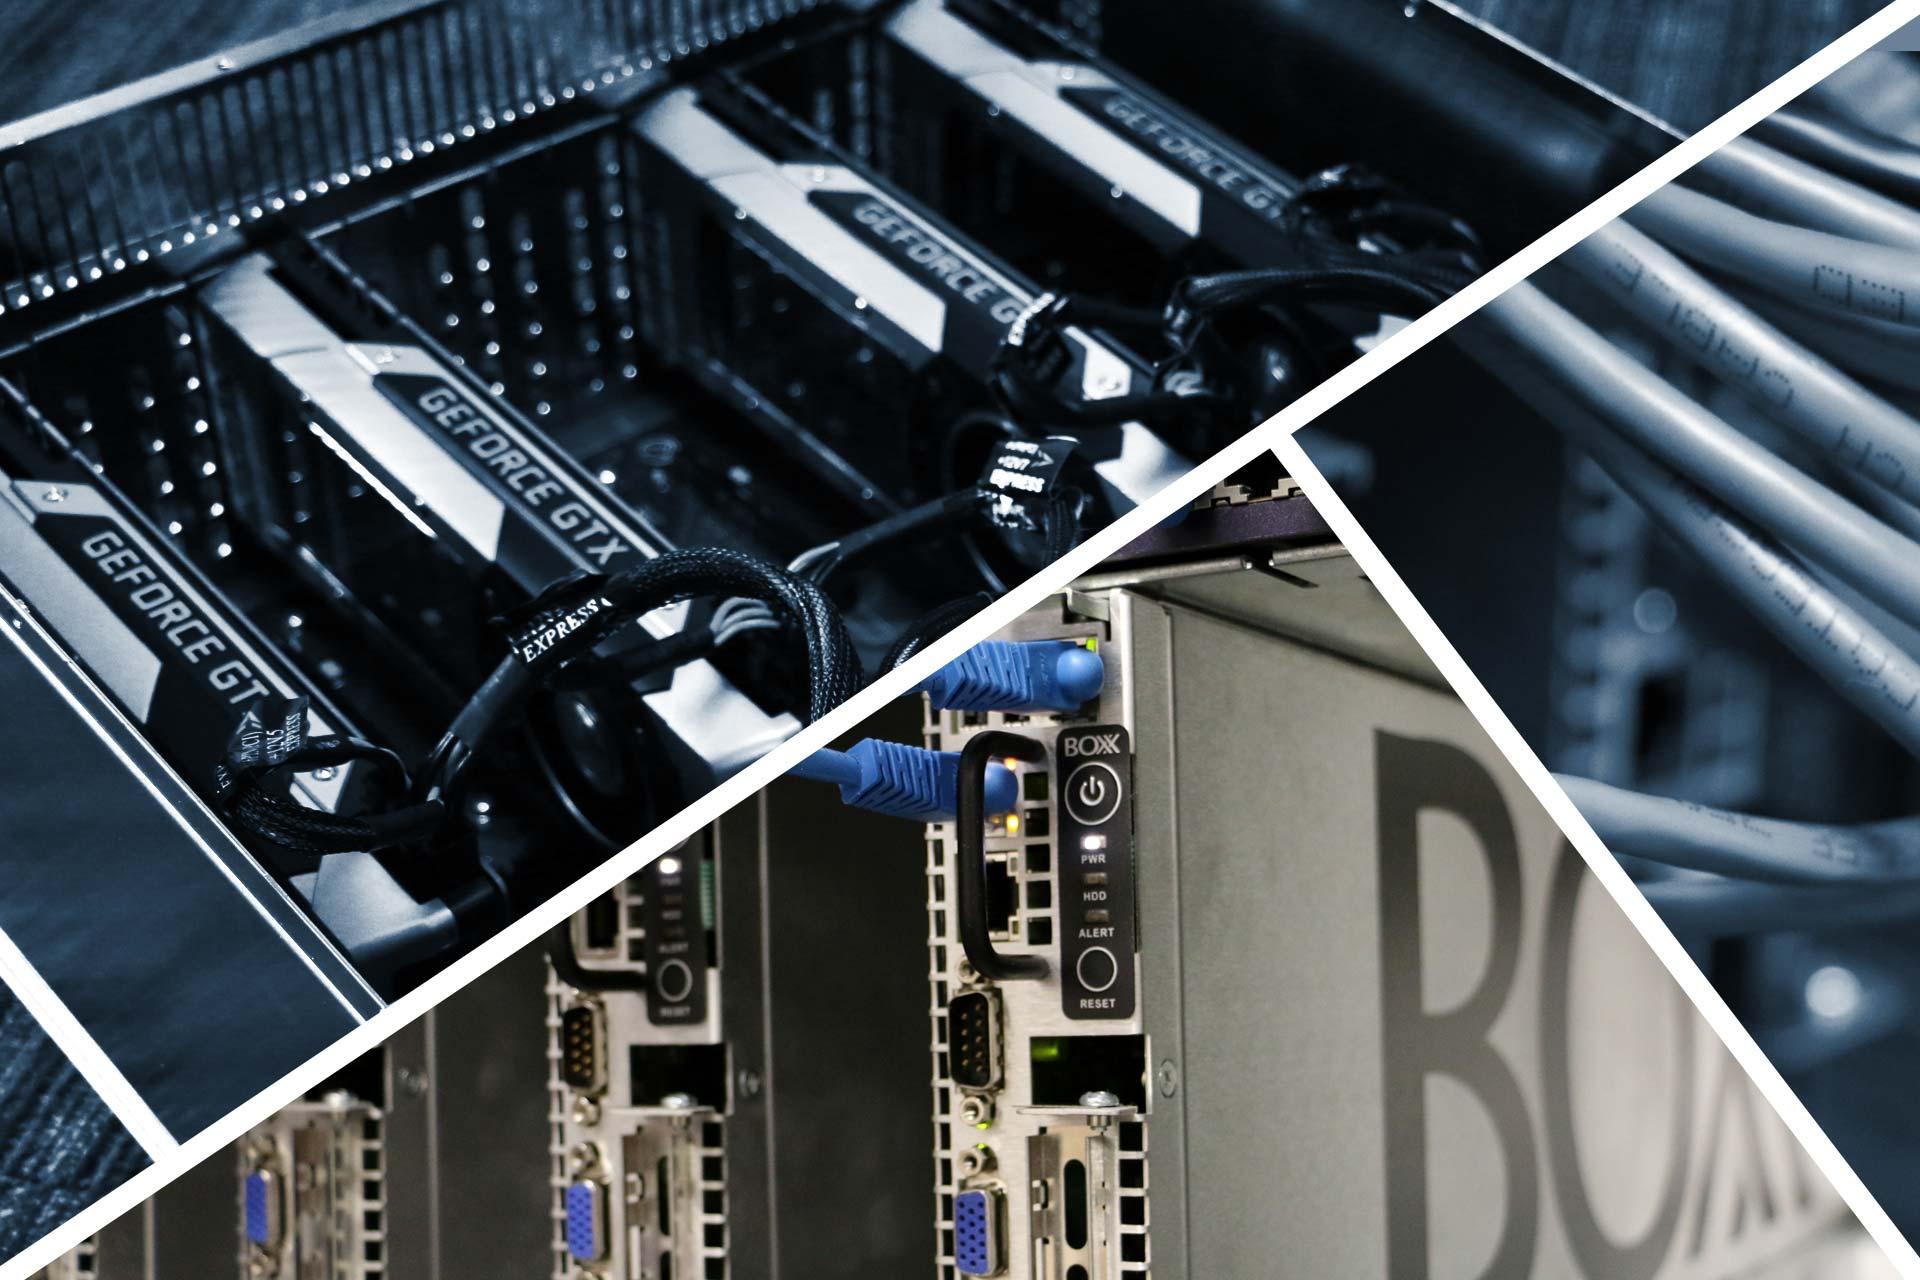 Server composite image